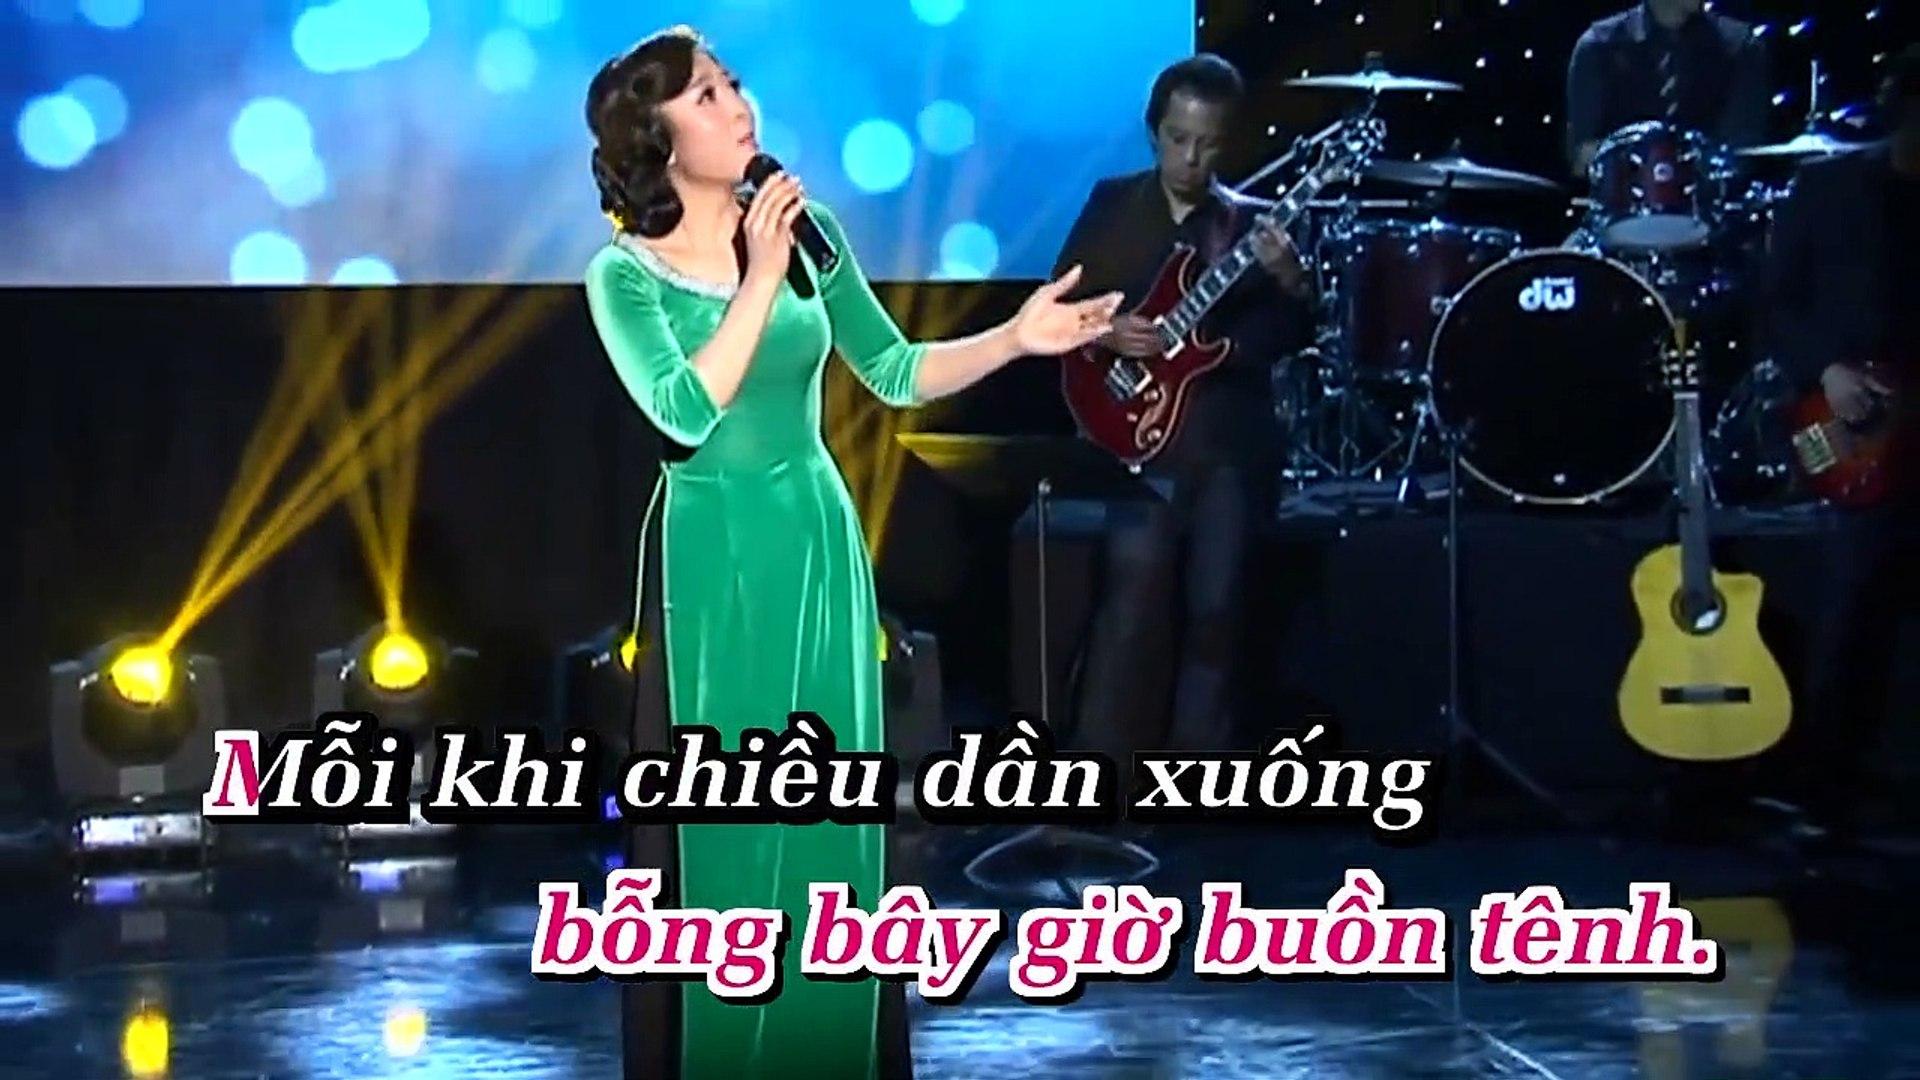 [Karaoke] Yêu Một Mình - Hà Thanh Xuân [Beat]